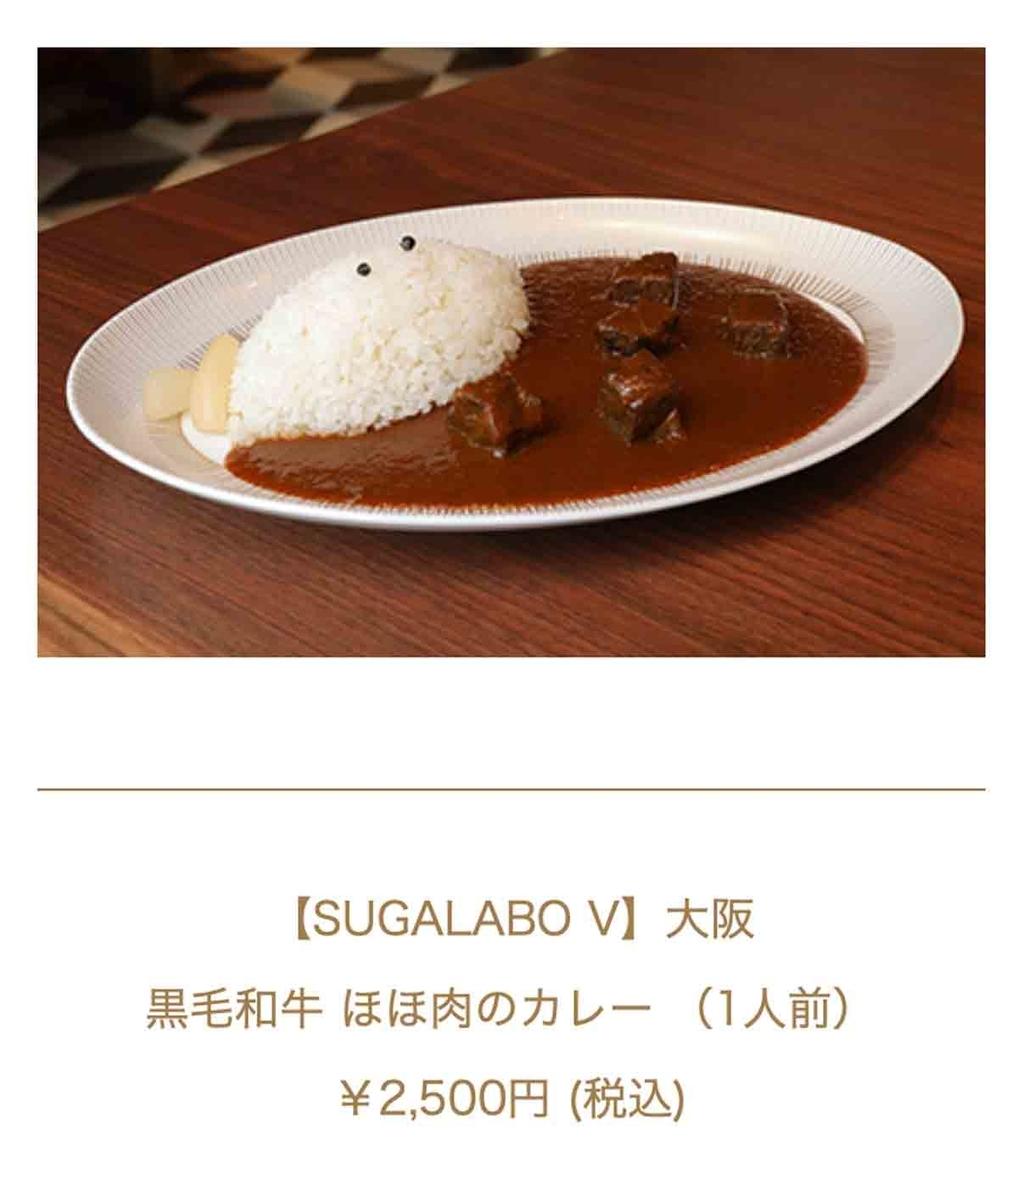 おうち de KIWAMI SUGALABO V 黒毛和牛 ほほ肉のカレー